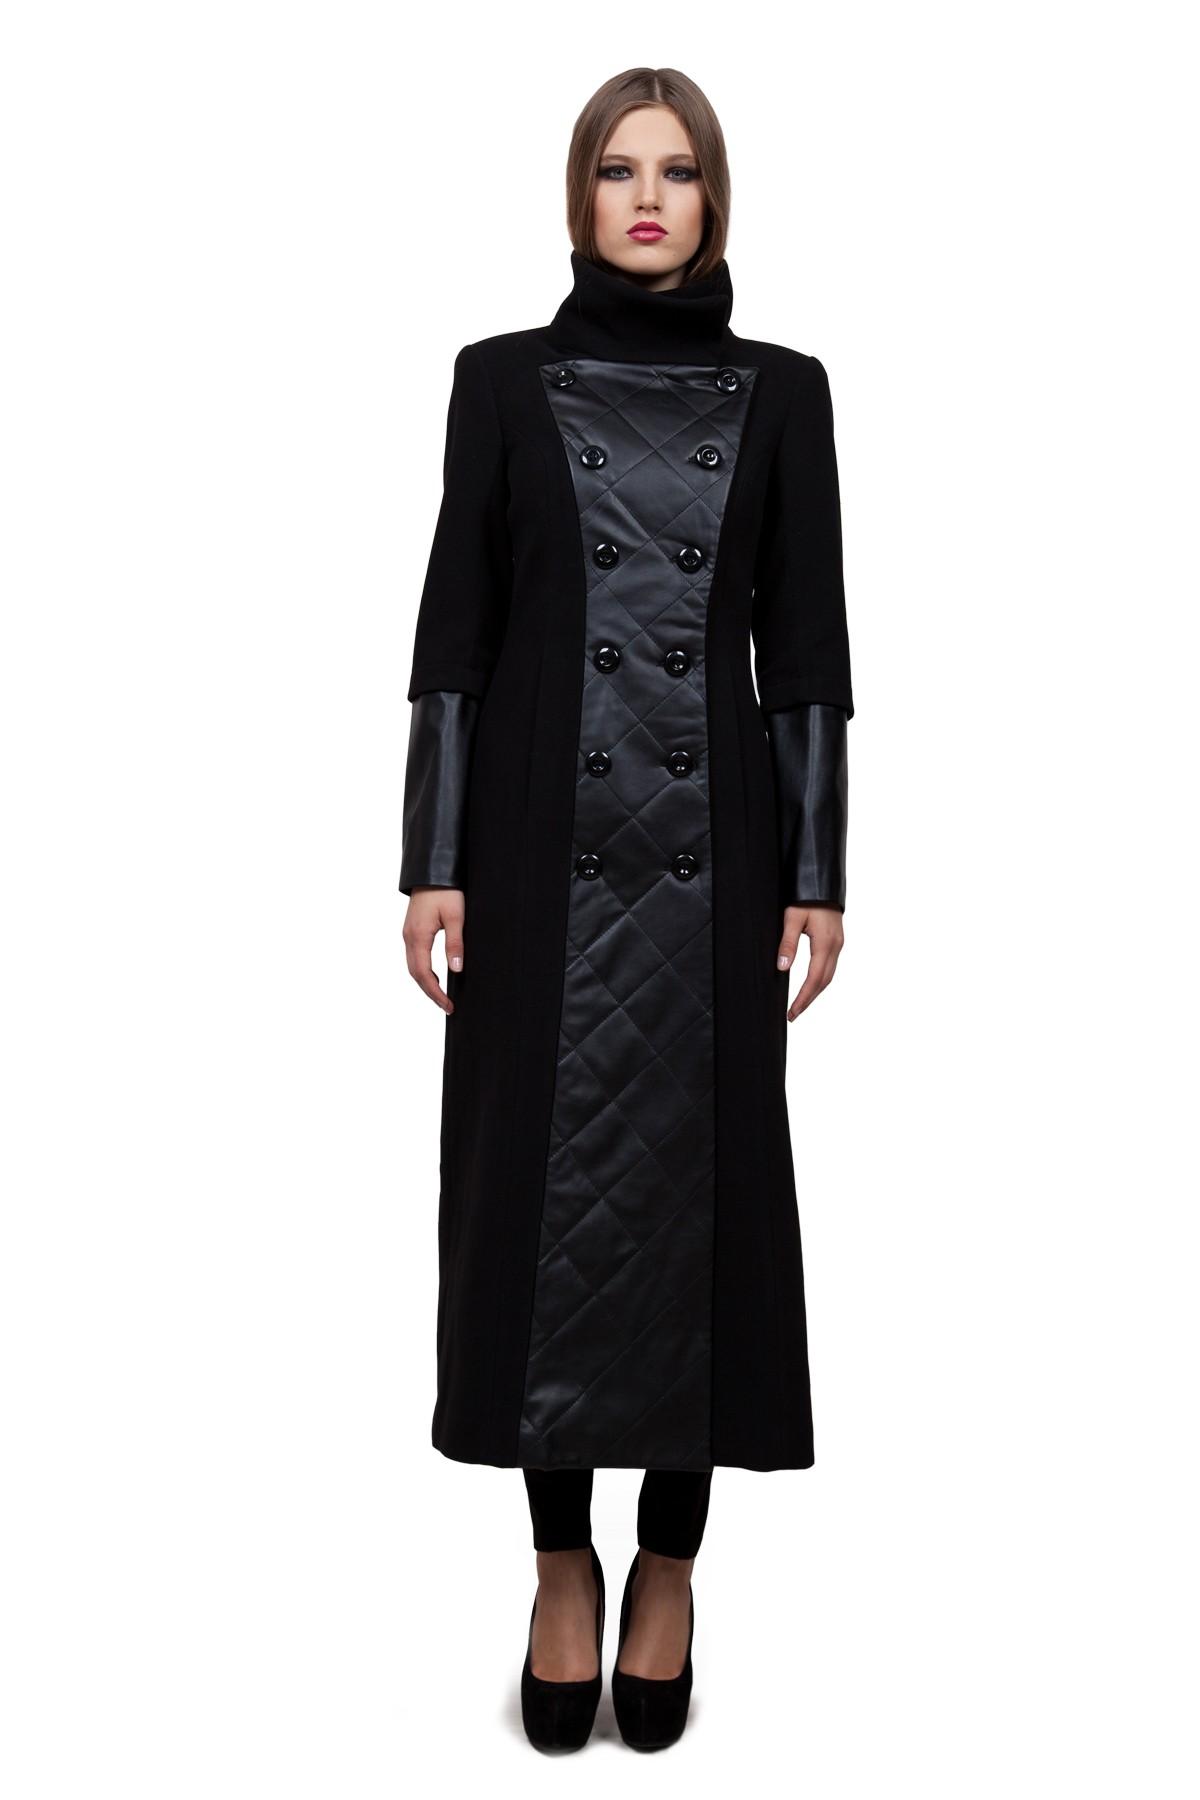 ПальтоЖенские куртки, плащи, пальто<br>Пальто создано для активных и стильных. Необычные вставки из кож. зама отлично разбавляет собой лаконичный дизайн этого пальто. Такая модель обеспечит Вам не только красивый внешний вид и комфорт, но и дополнительную защиту от холода и ветра.<br><br>Цвет: черный<br>Состав: ткань1:  90% полиэстер, 8% вискоза, 2% эластан; ткань2: 53% полиуретан, 47% полиэстер; наполнитель: 100% полиэстер (синтепон); подкладка: 54% полиэстер, 46% вискоза<br>Размер: 48<br>Страна дизайна: Россия<br>Страна производства: Россия